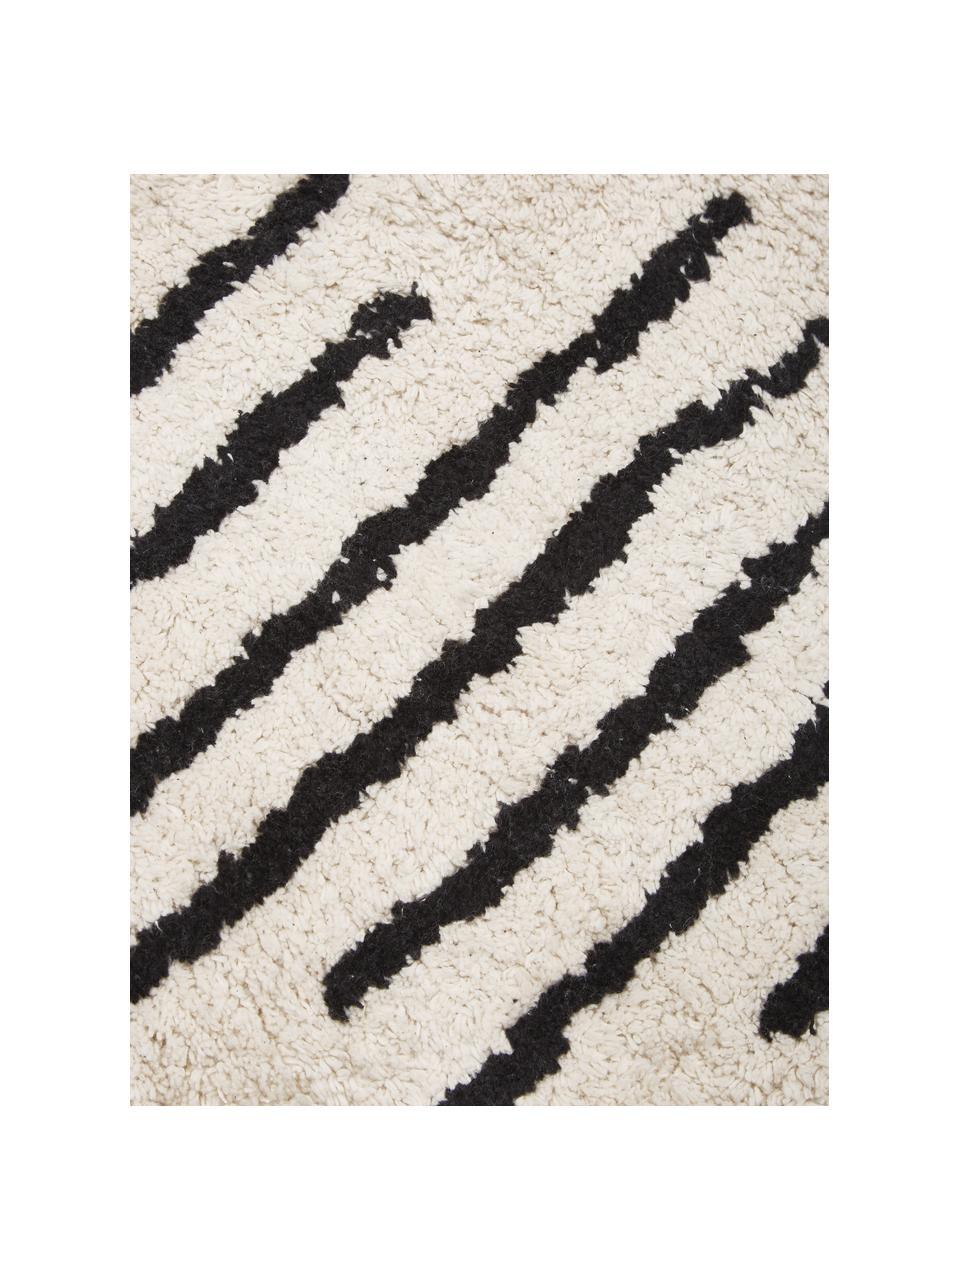 Runder Boho-Baumwollteppich Lines mit Fransen, handgetuftet, 100% Baumwolle, Beige, Schwarz, Ø 150 cm (Größe M)